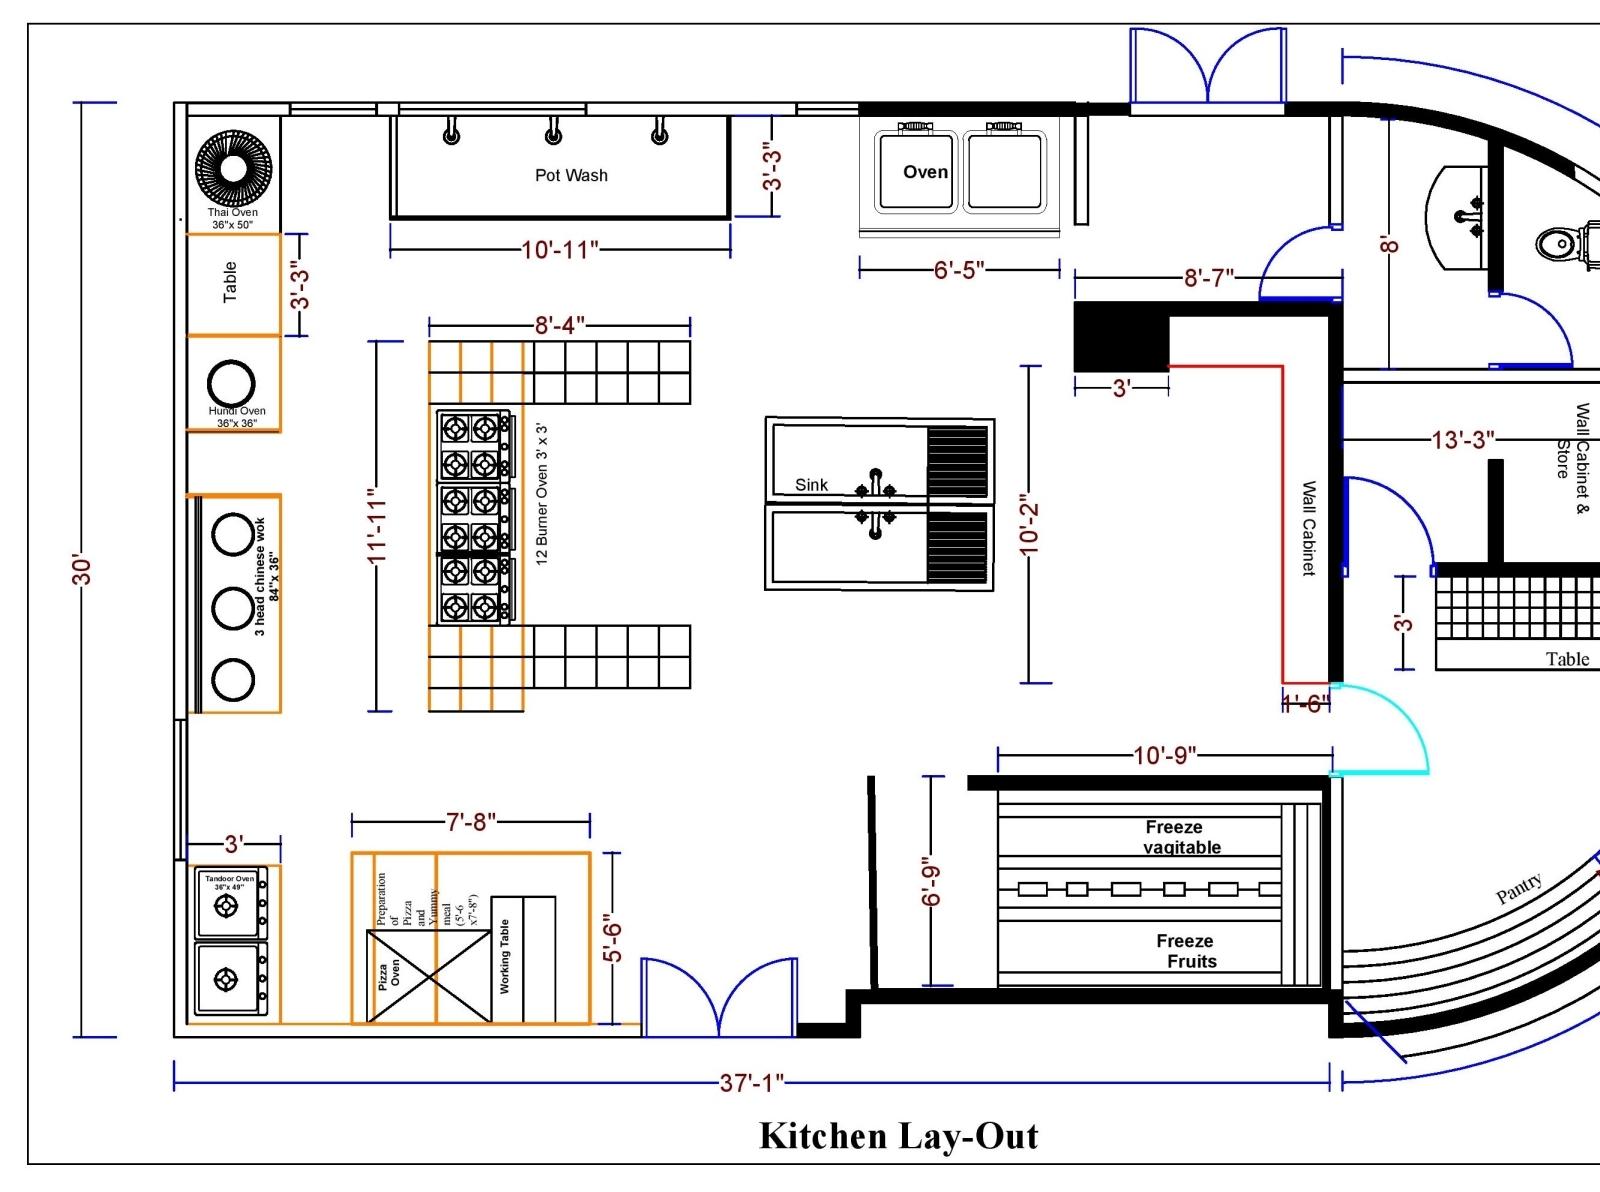 restaurant kitchen design pdf – ksa g.com